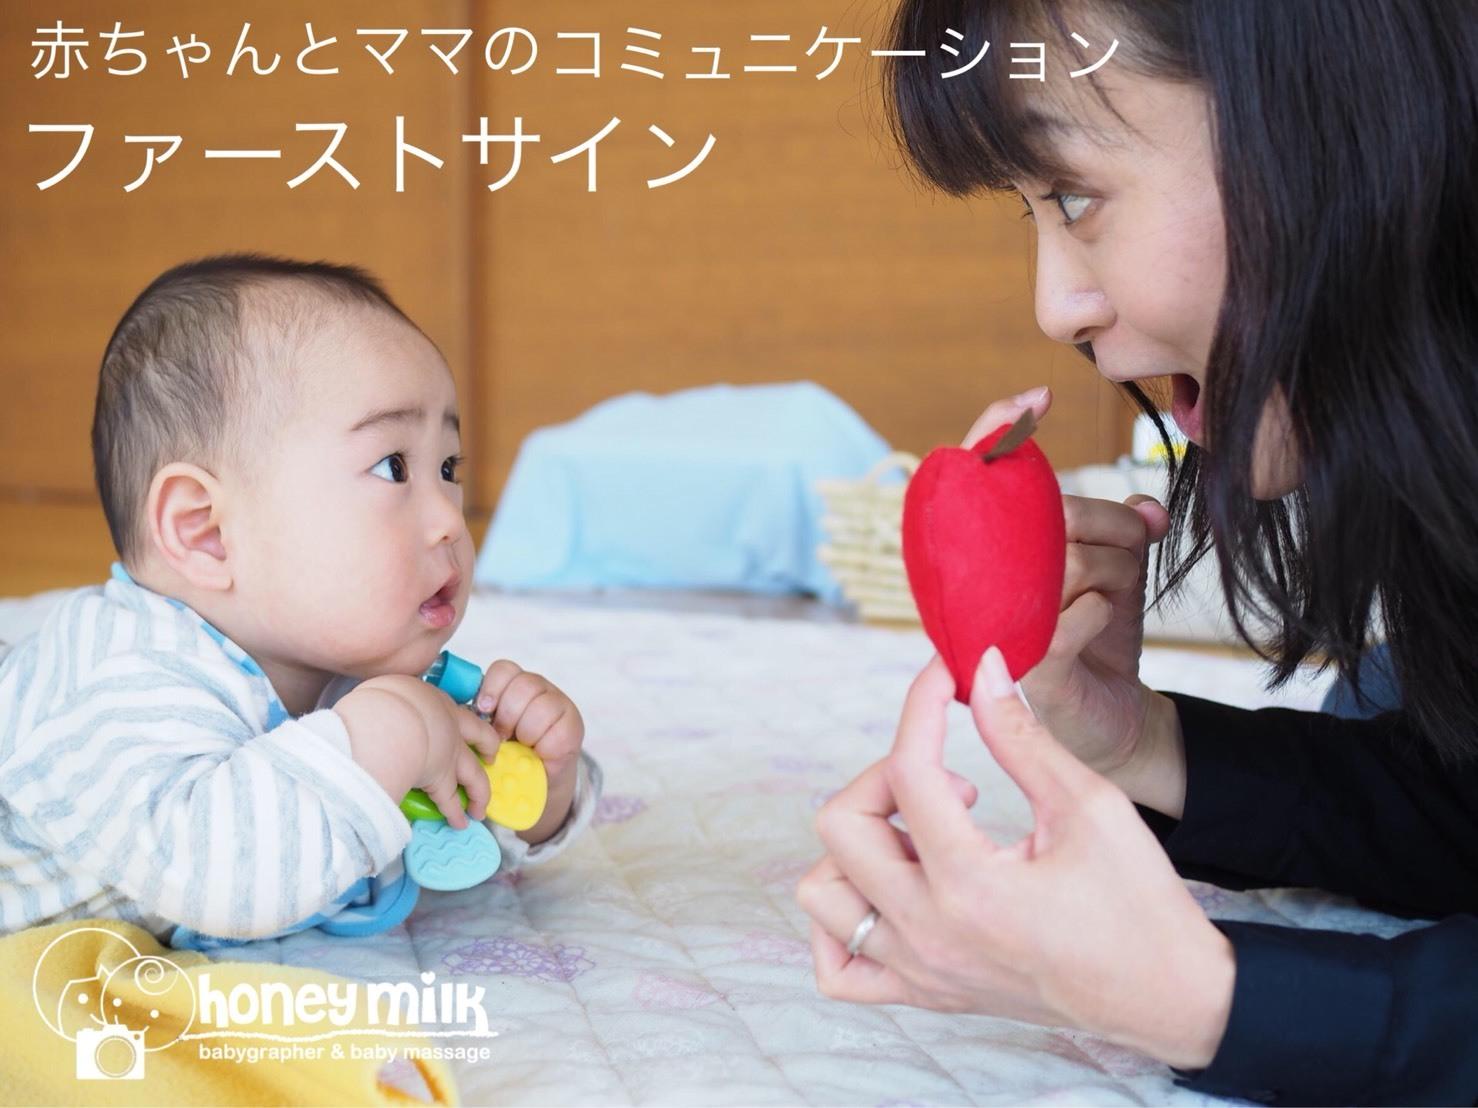 結婚記念日& ama BABYこーとくん!_e0120789_13342382.jpg